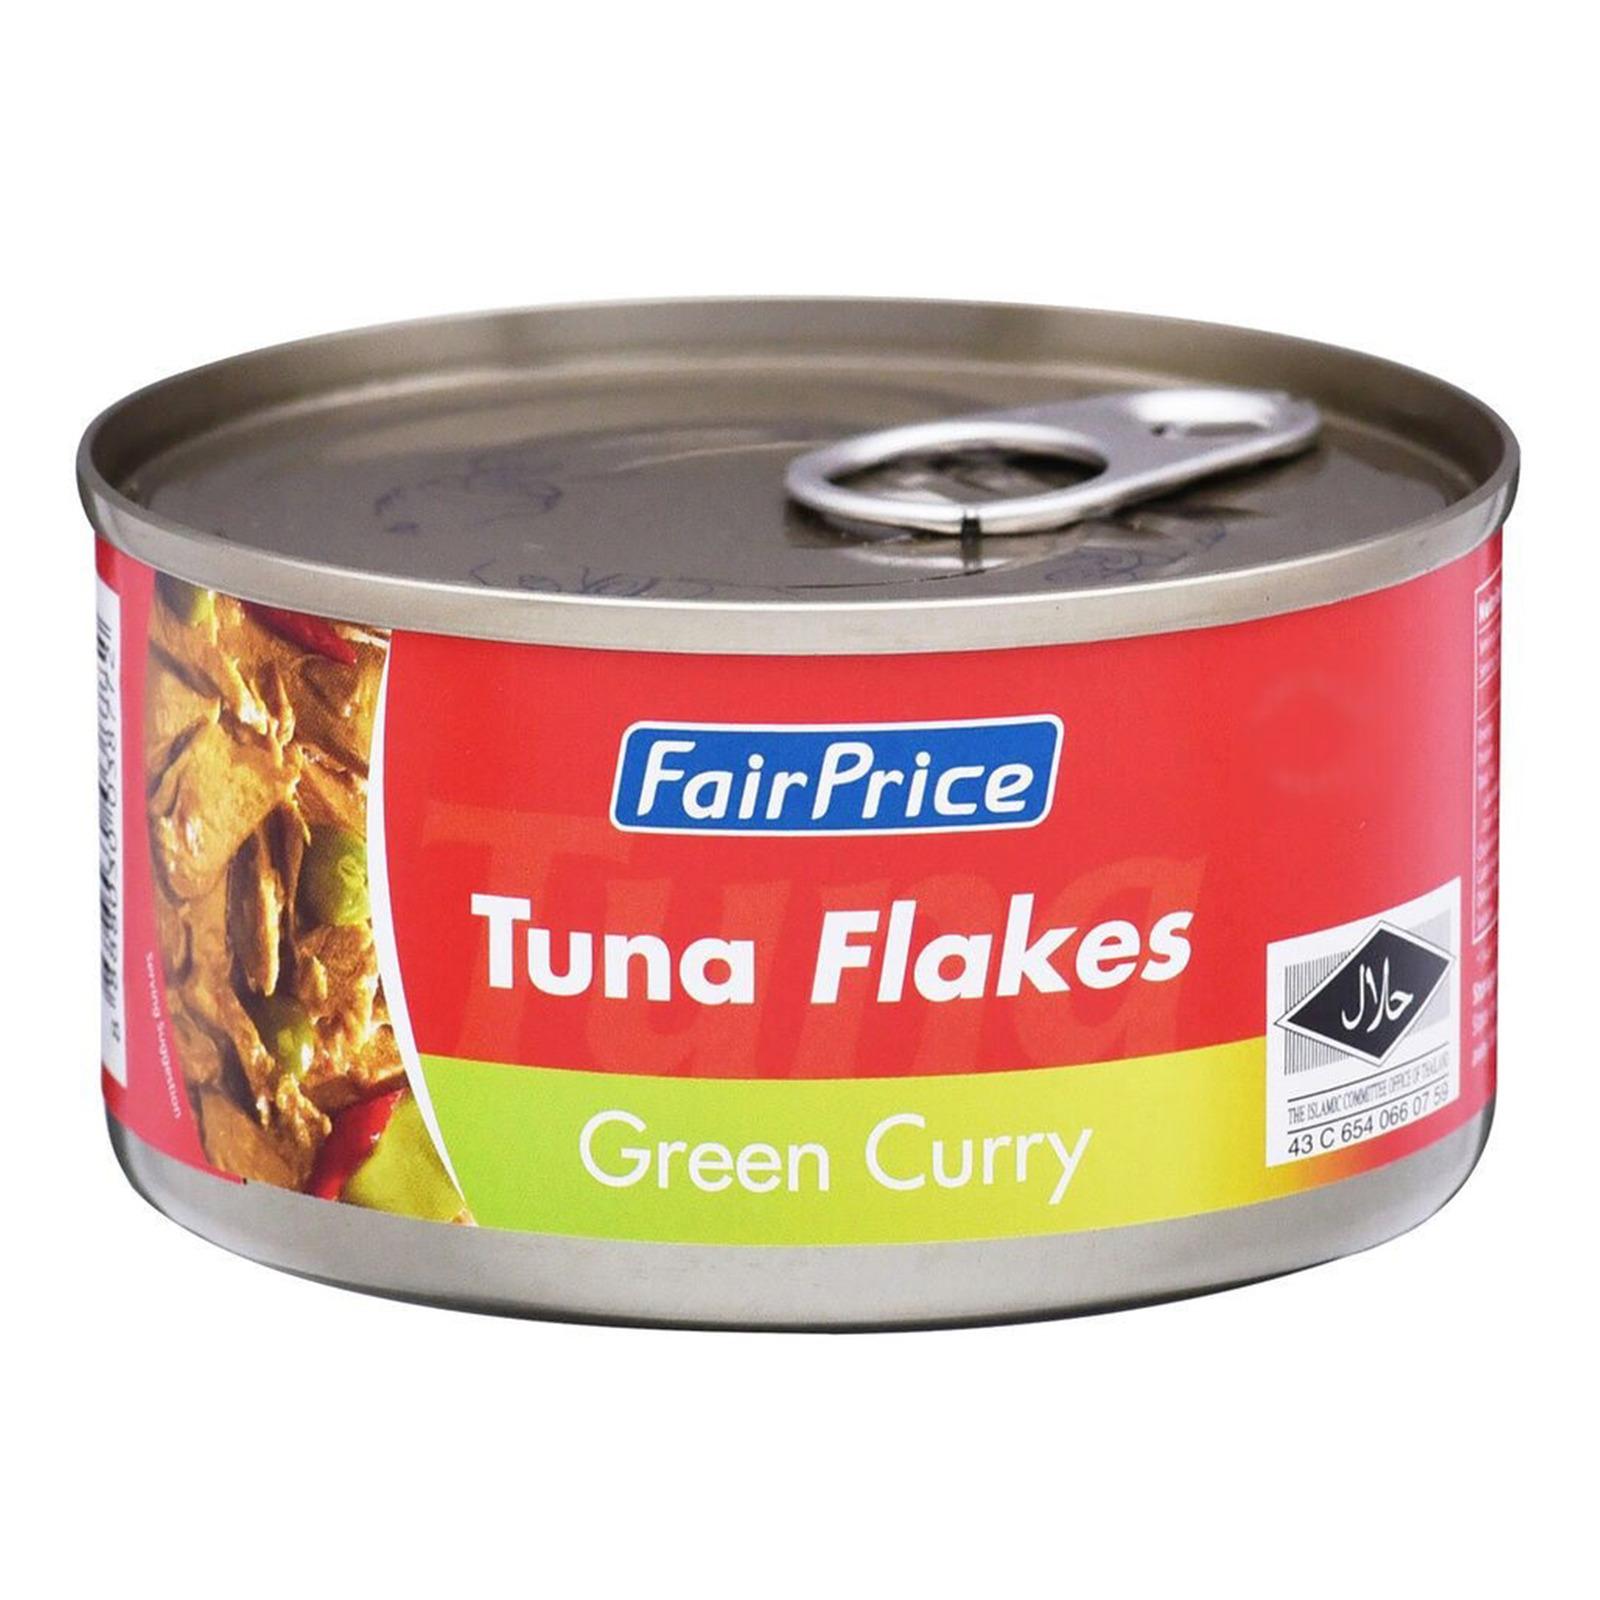 FairPrice Tuna Flakes - Green Curry